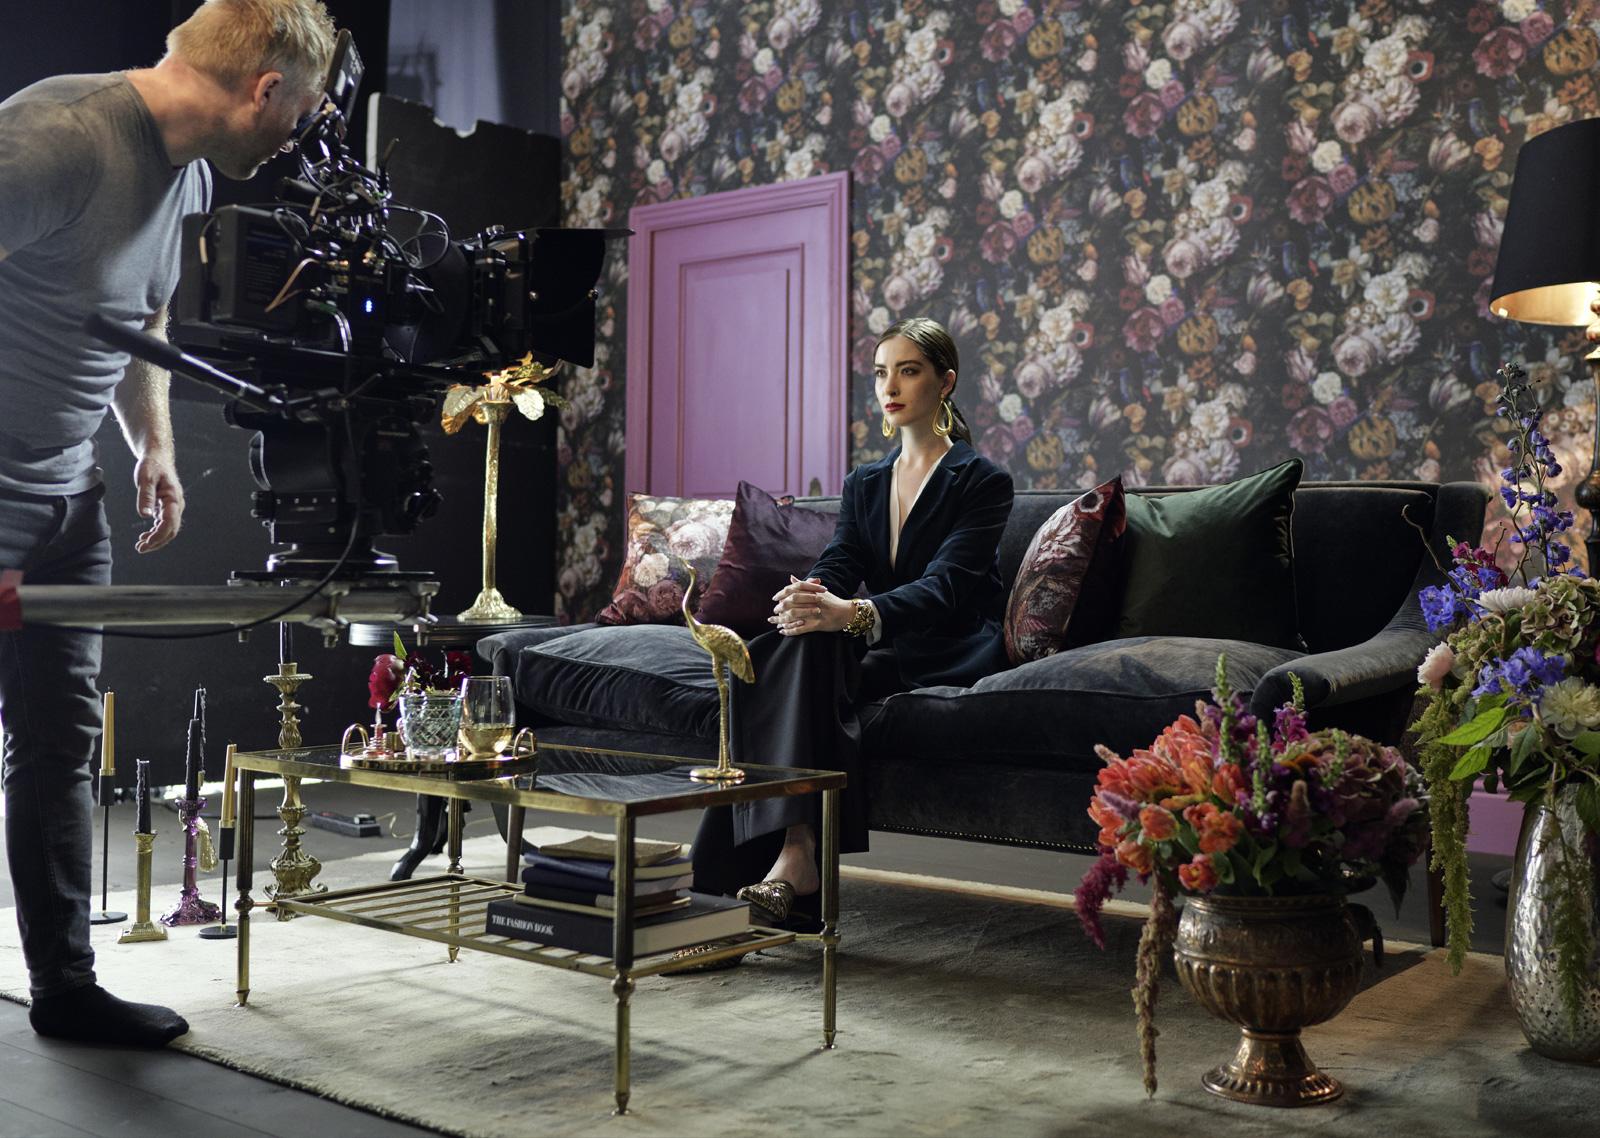 Graham & Brown TV Behind Scenes Filming